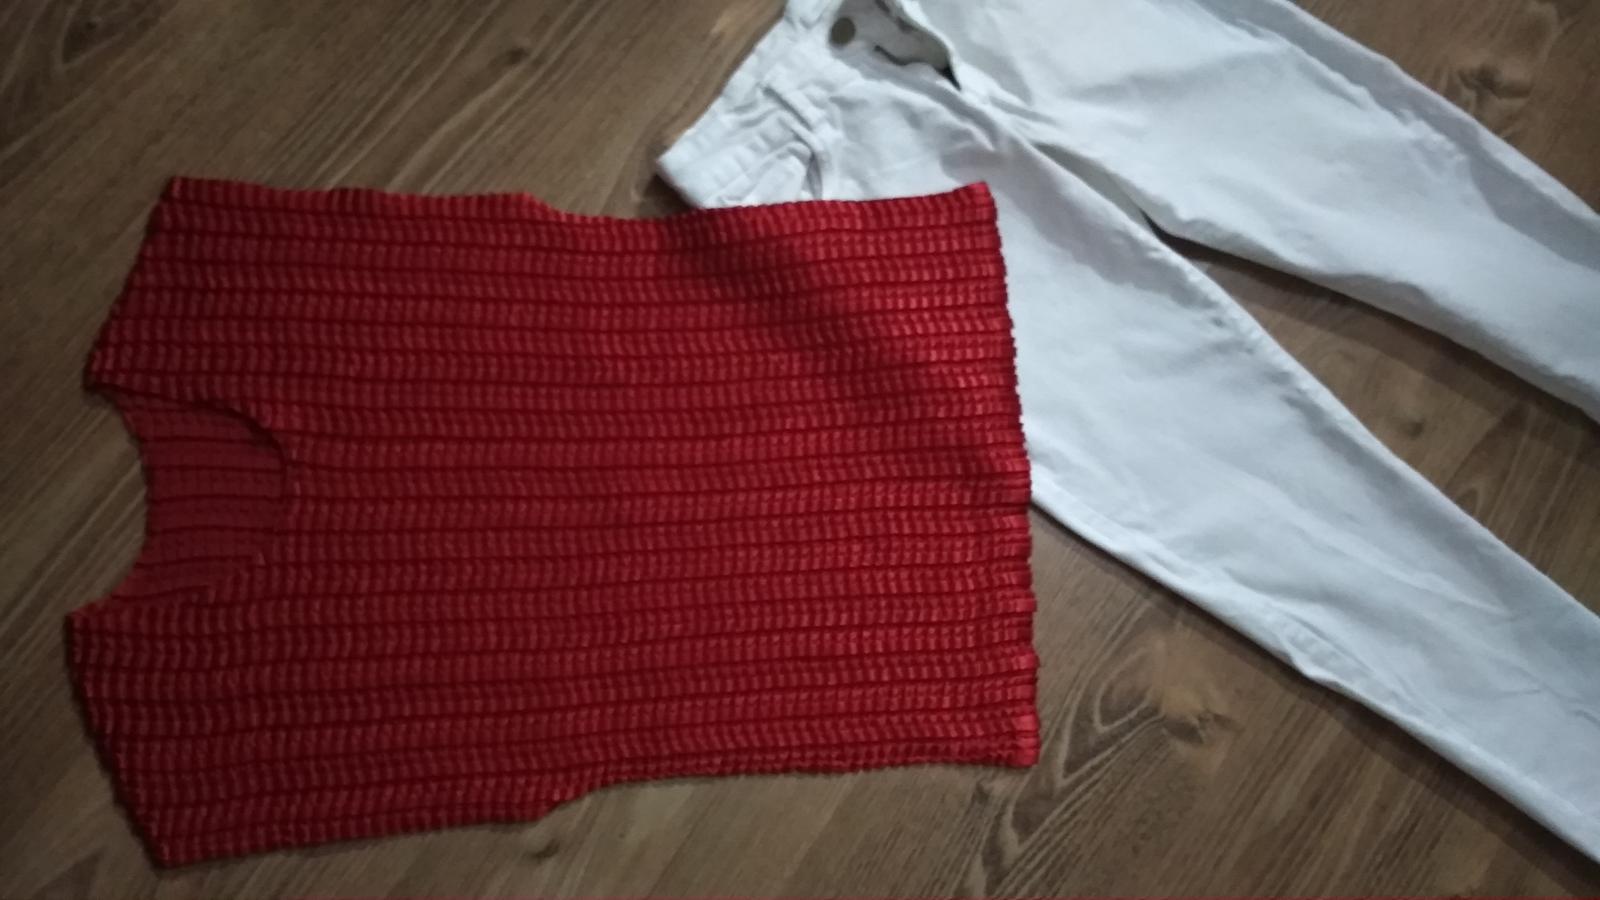 Elegantné elatické lesklé tričko M/L - Obrázok č. 1